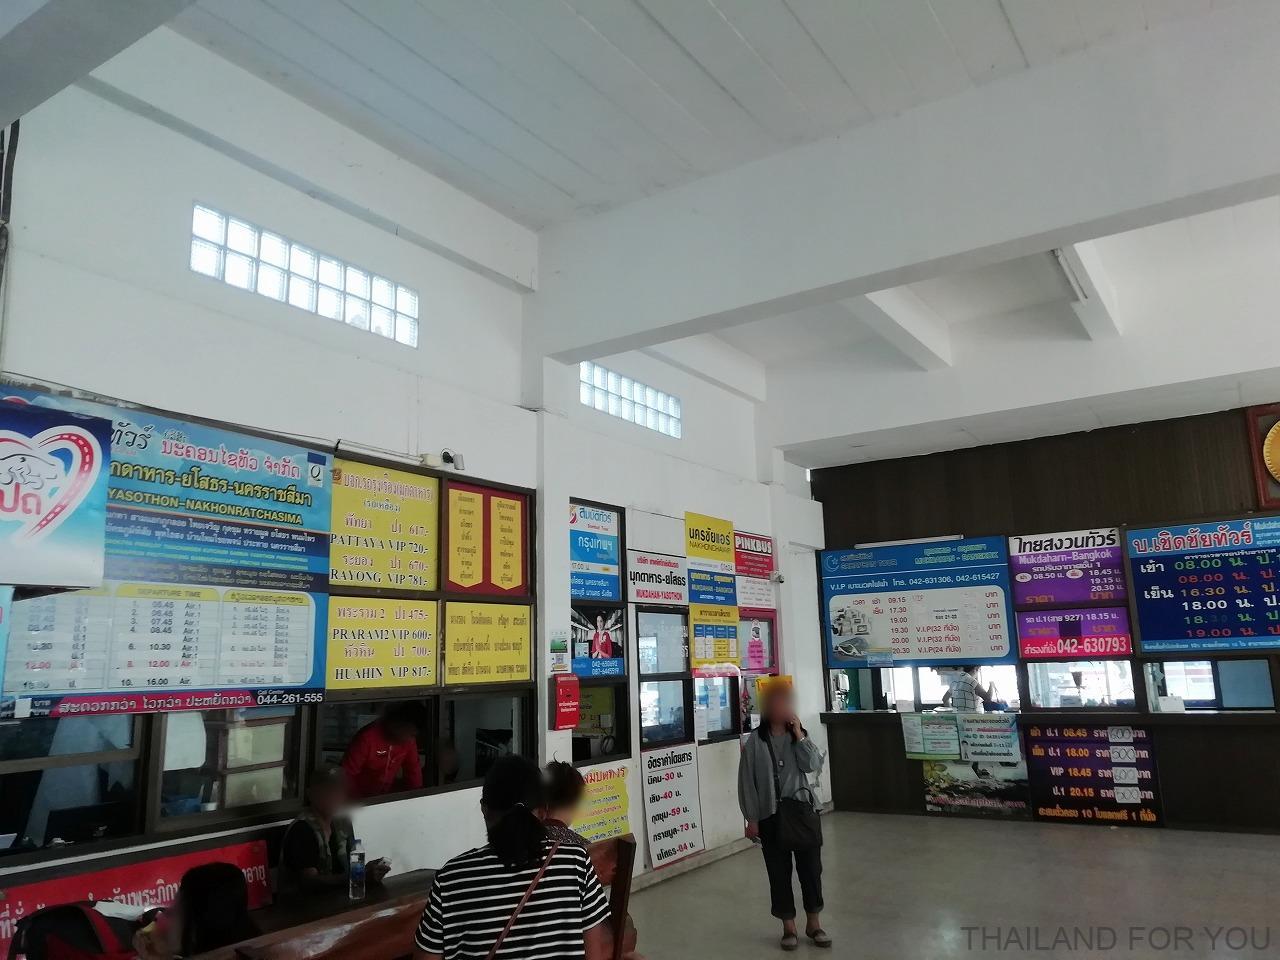 ムクダハーン バスターミナル